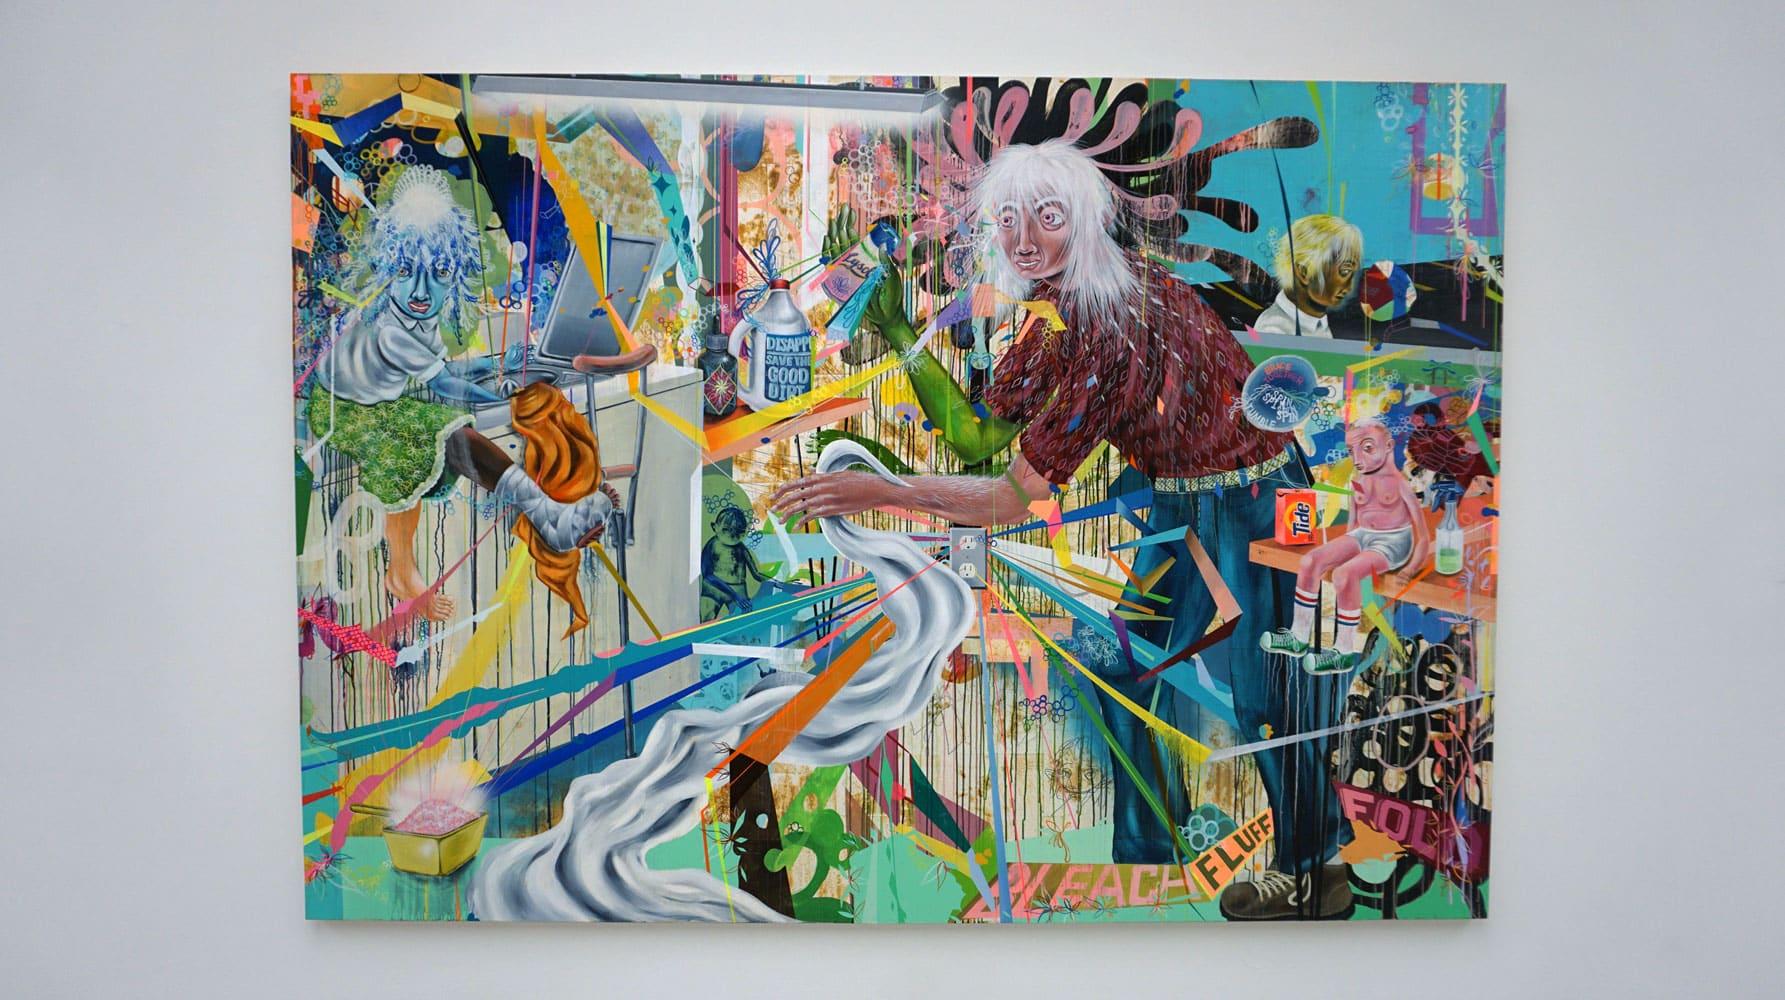 The Black Mirror: Art as Social Satire exhibition image